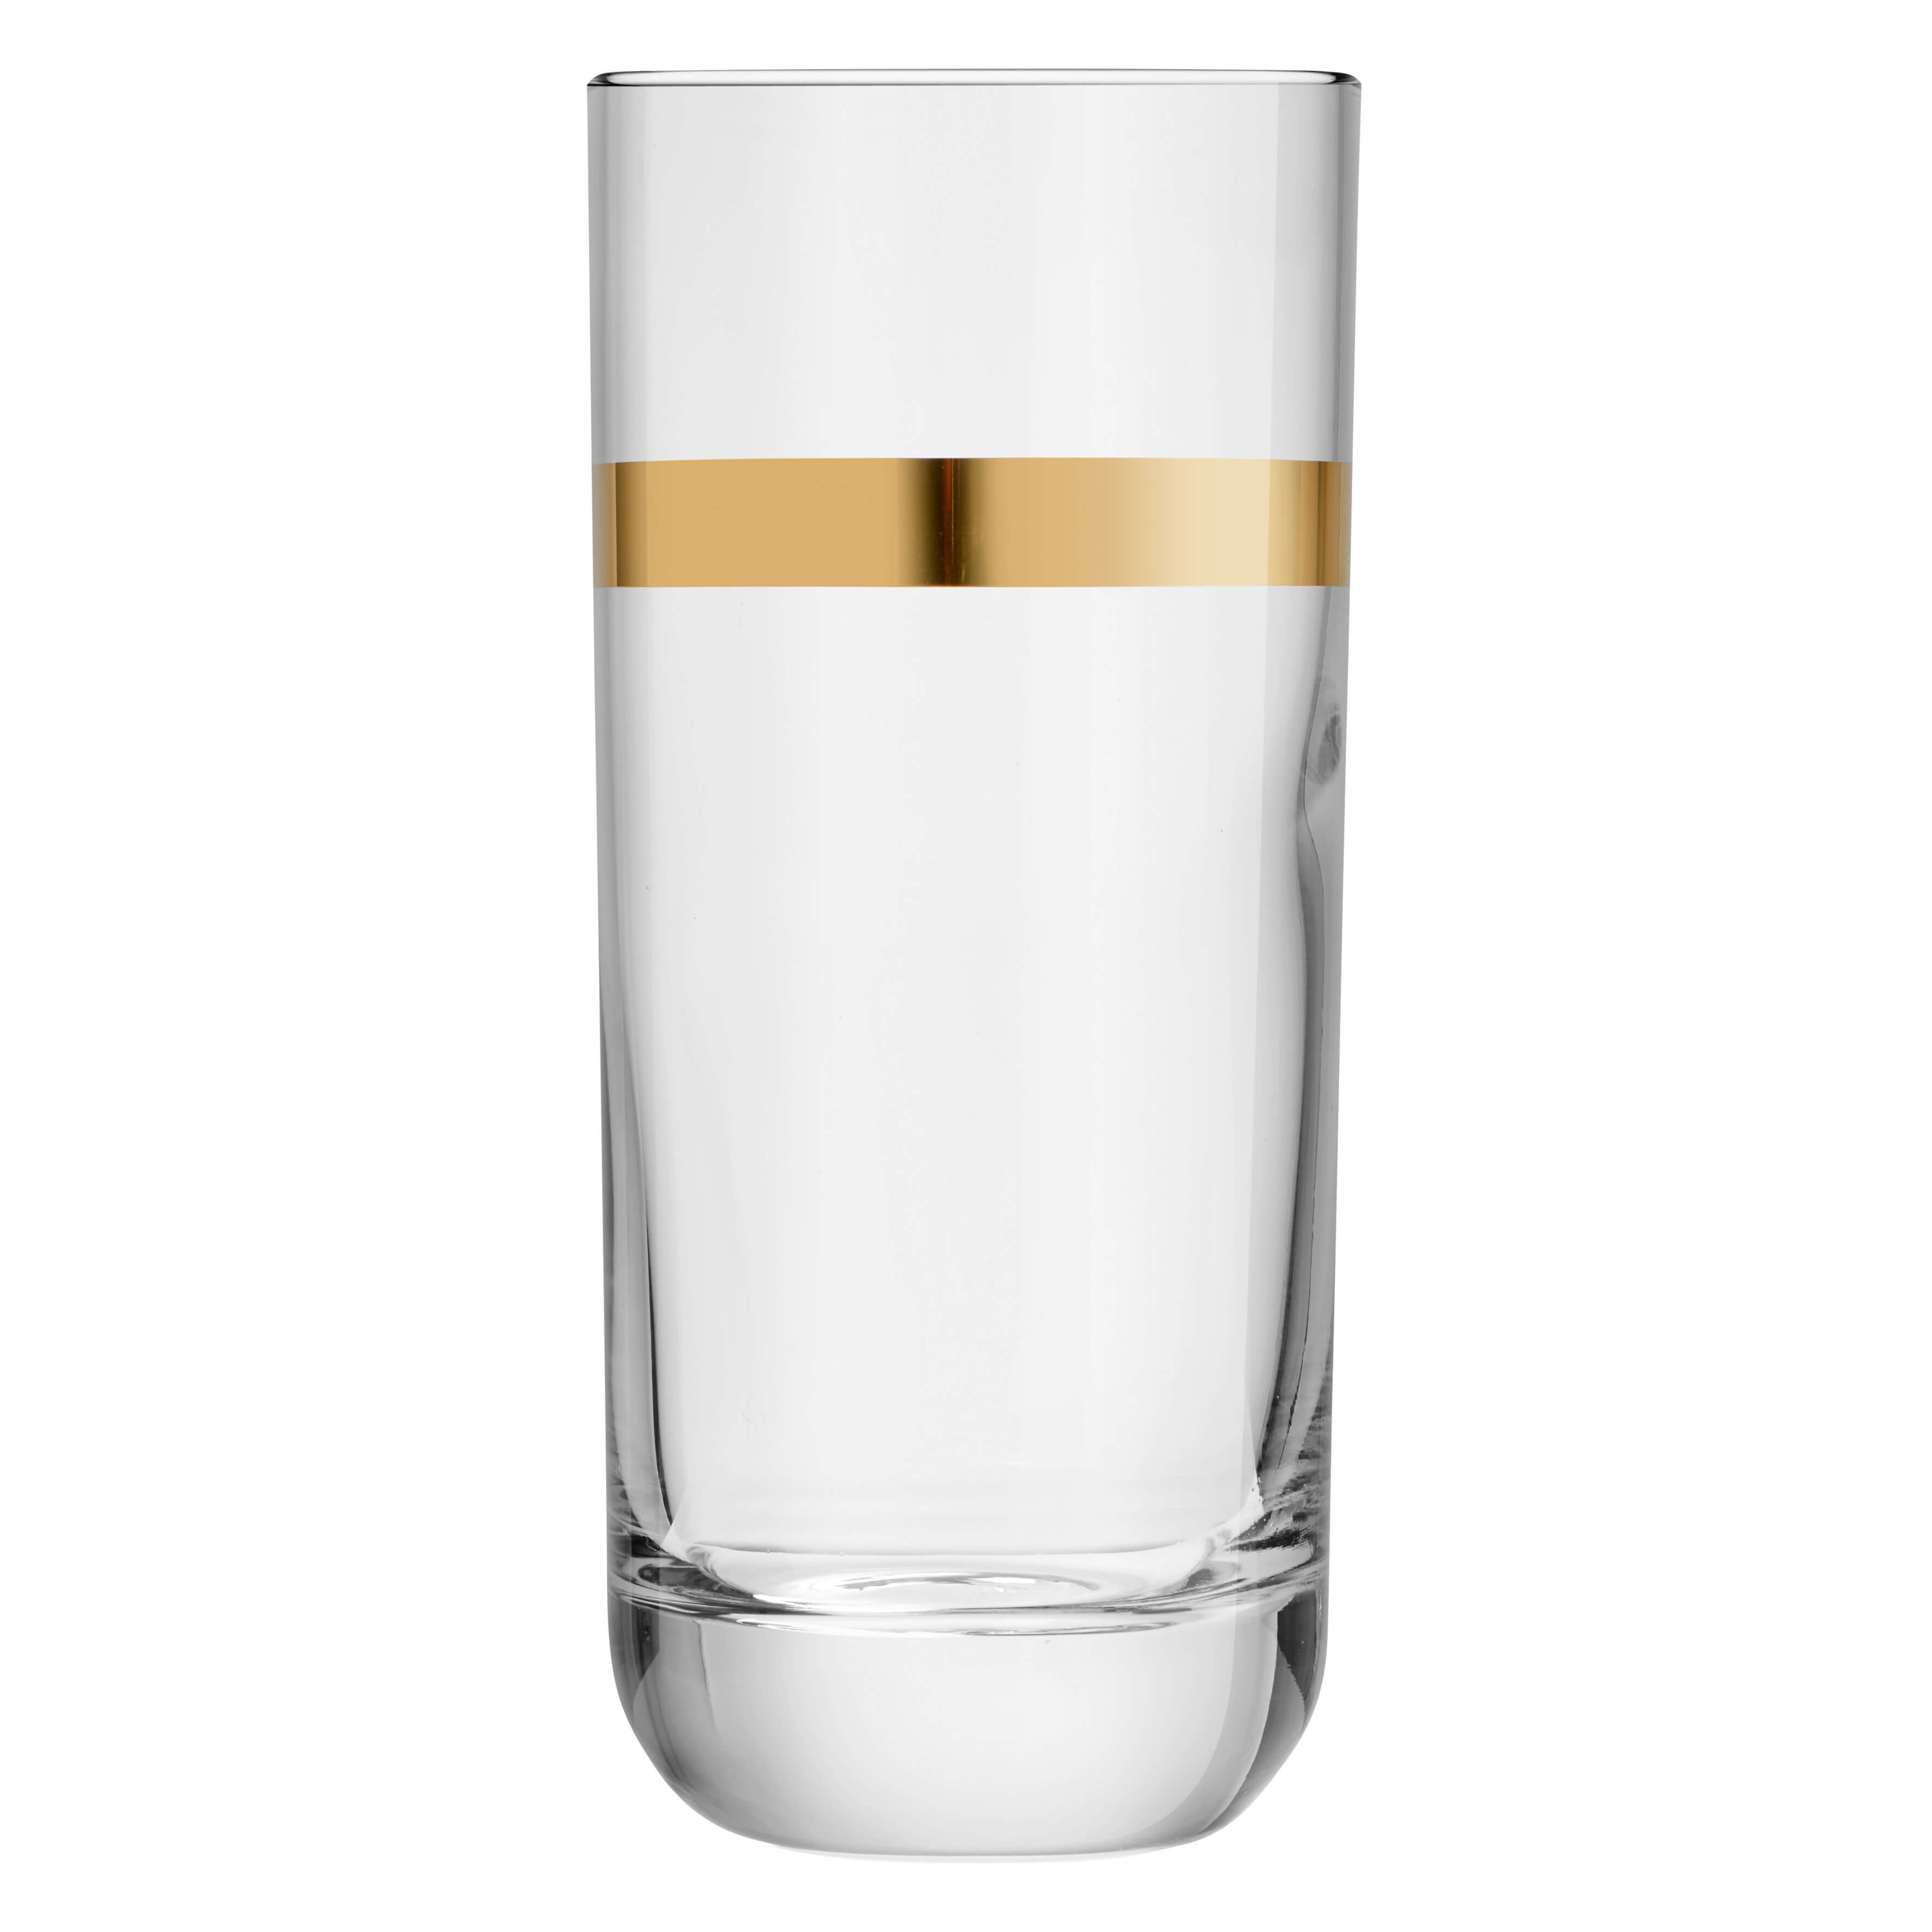 Envy Gold band Beverage - 35 cl